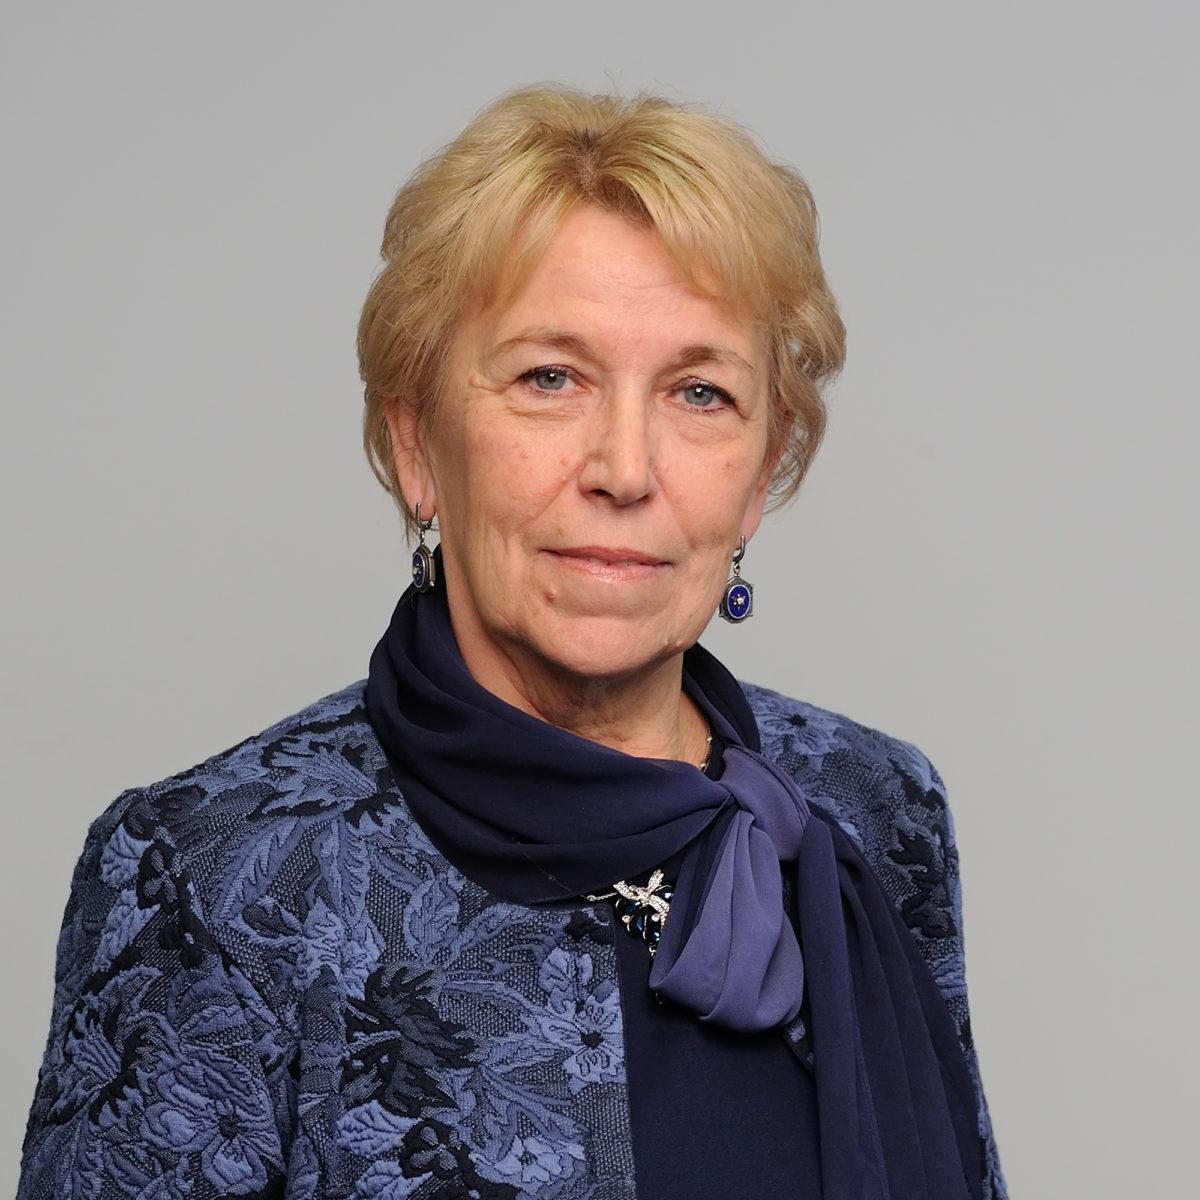 Грошева Людмила Афанасьевна